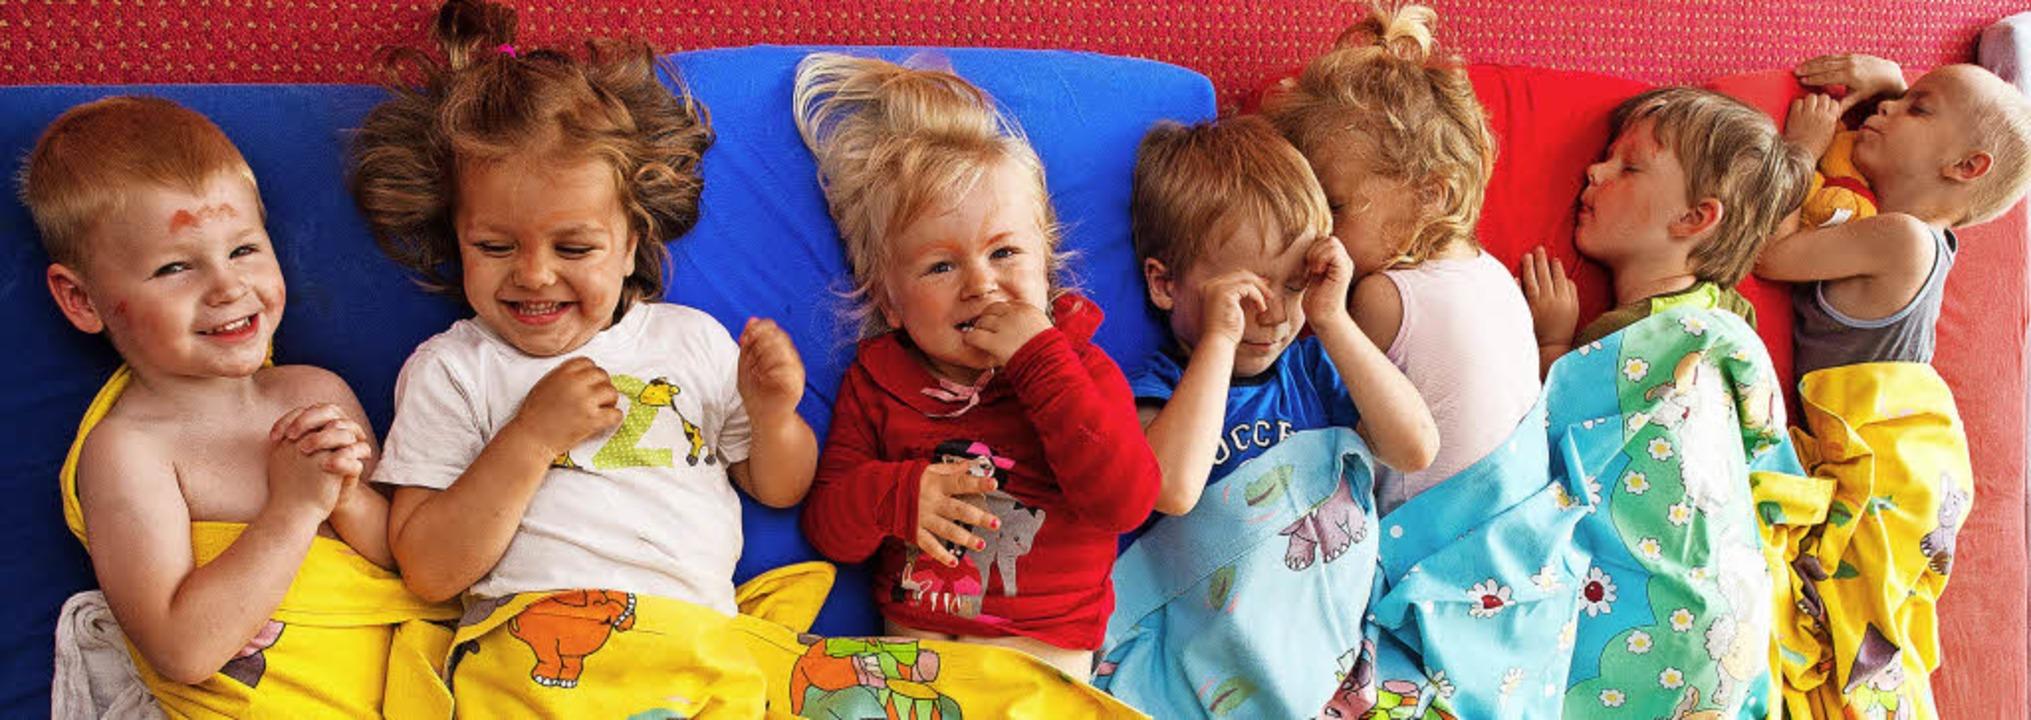 Kuscheln und kichern im Kindergarten: ...etten von September an mehr bezahlen.     Foto: dpa